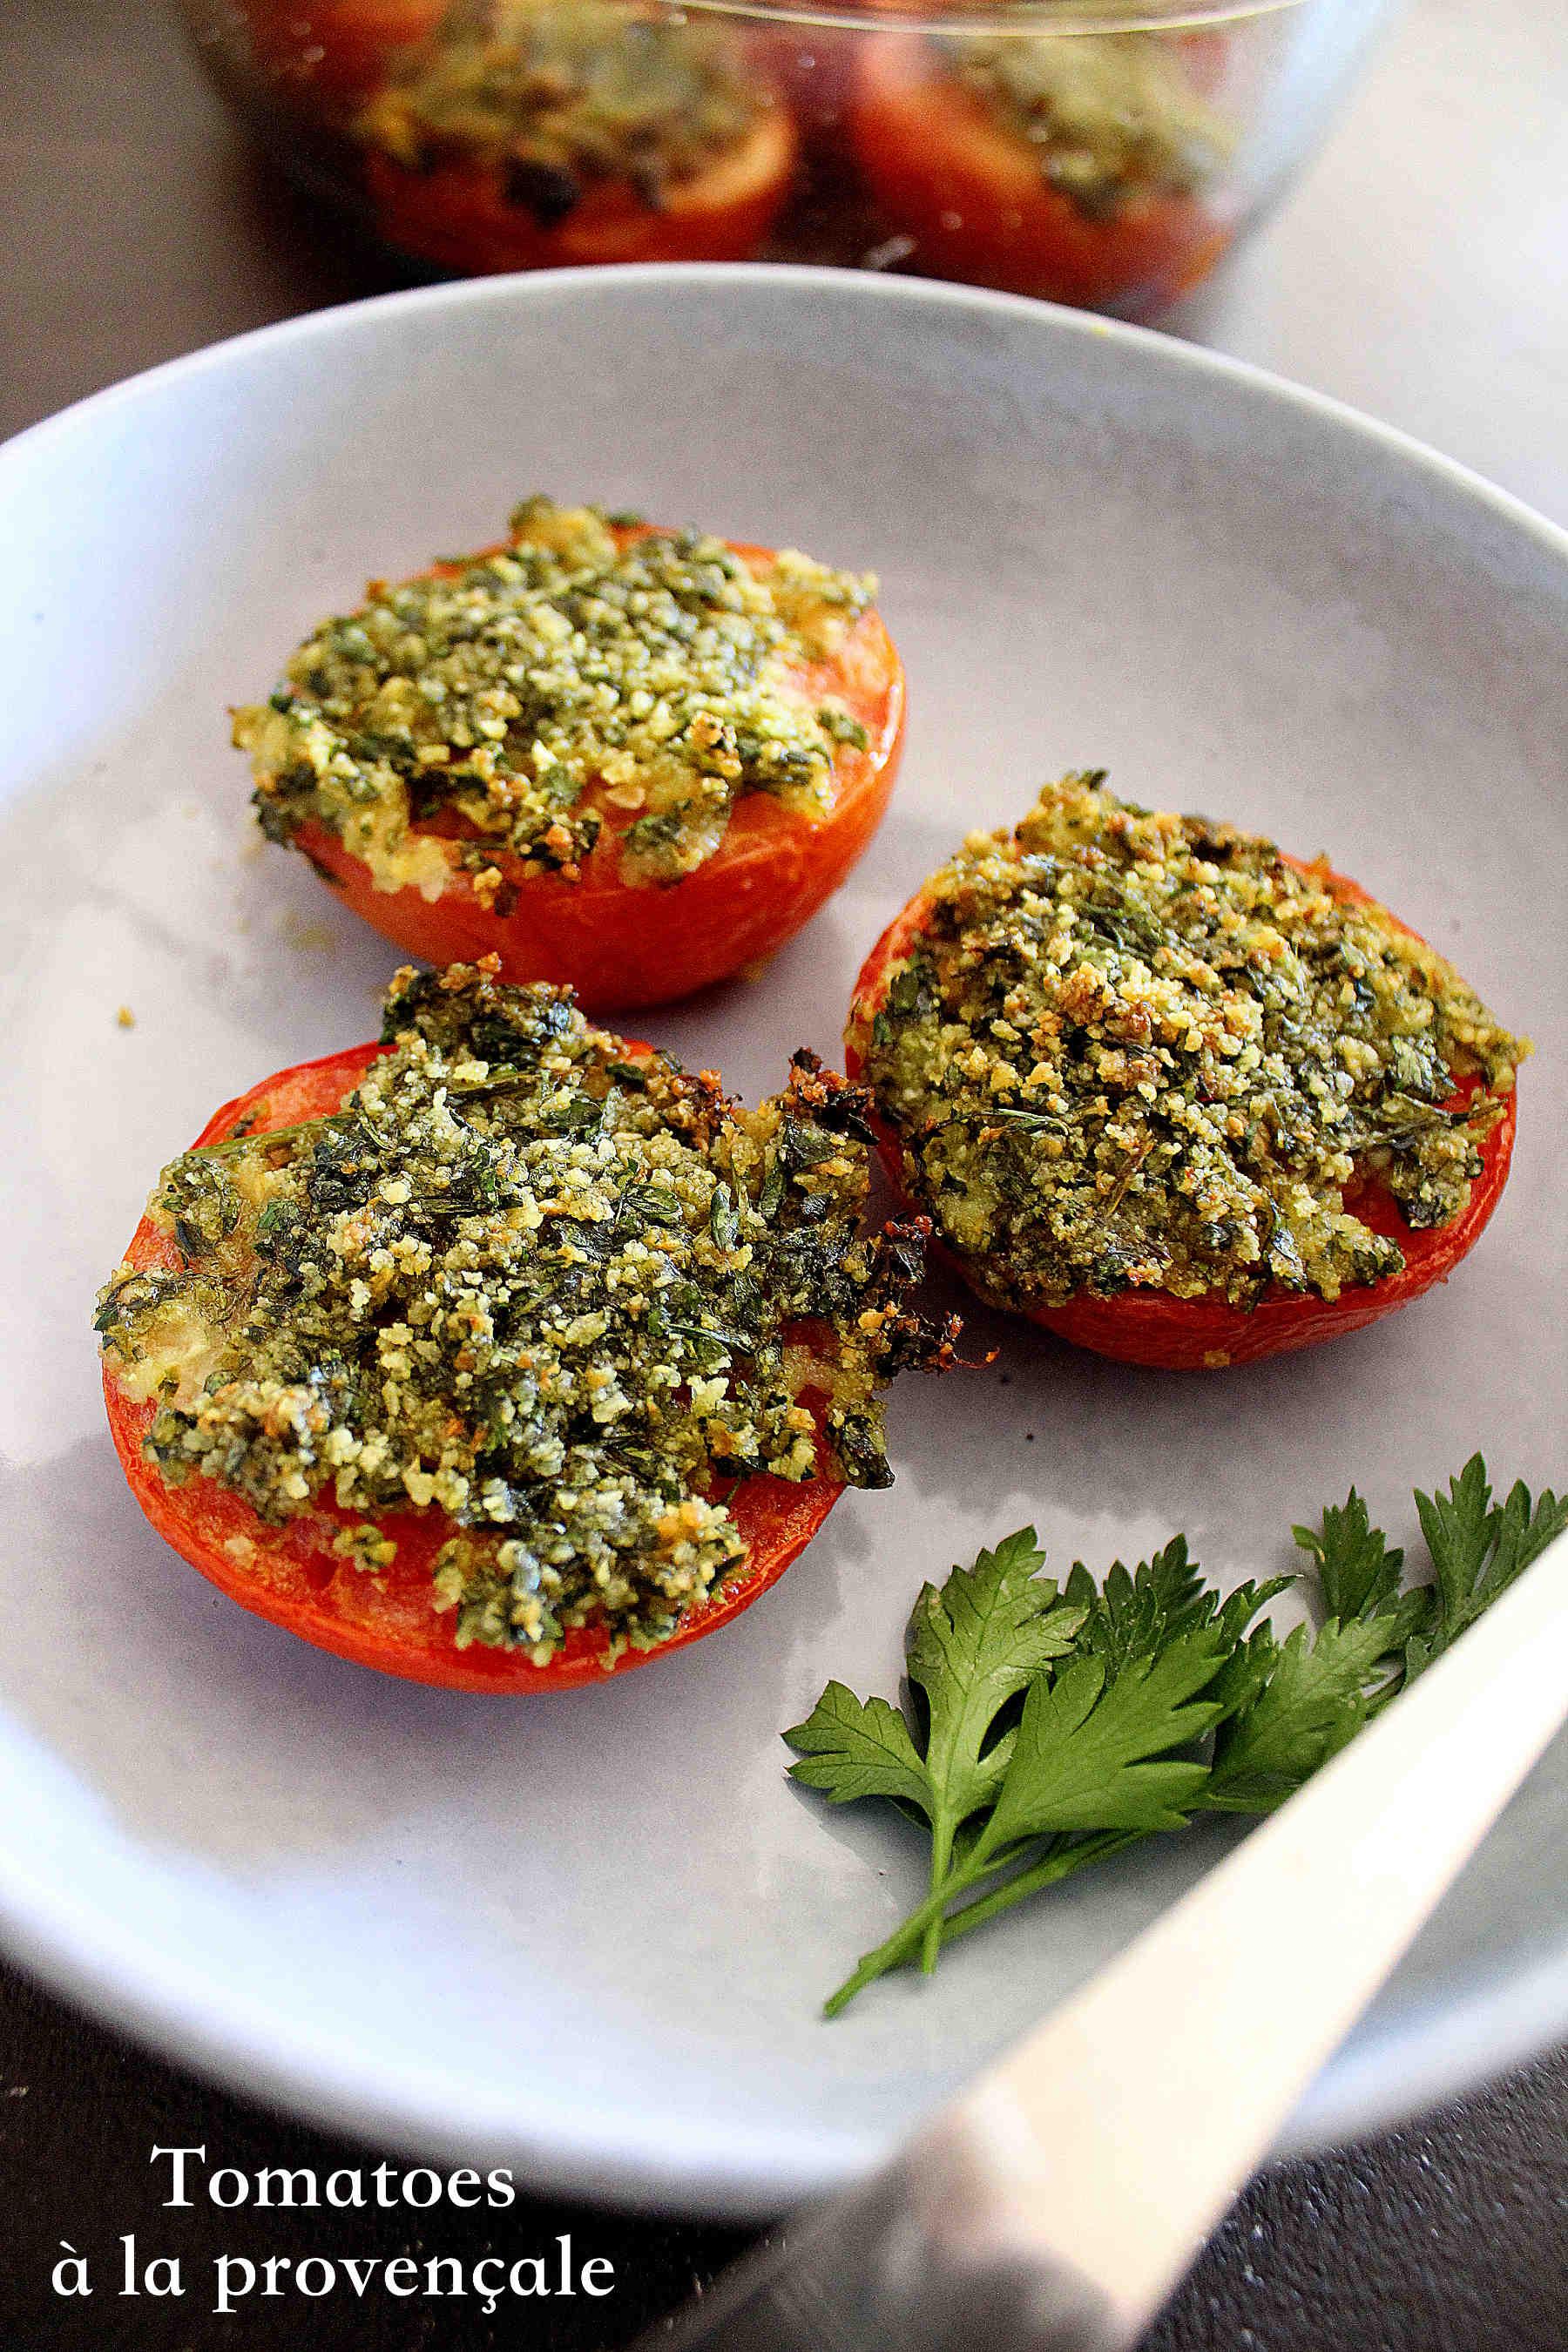 Tomatoes à la provençale